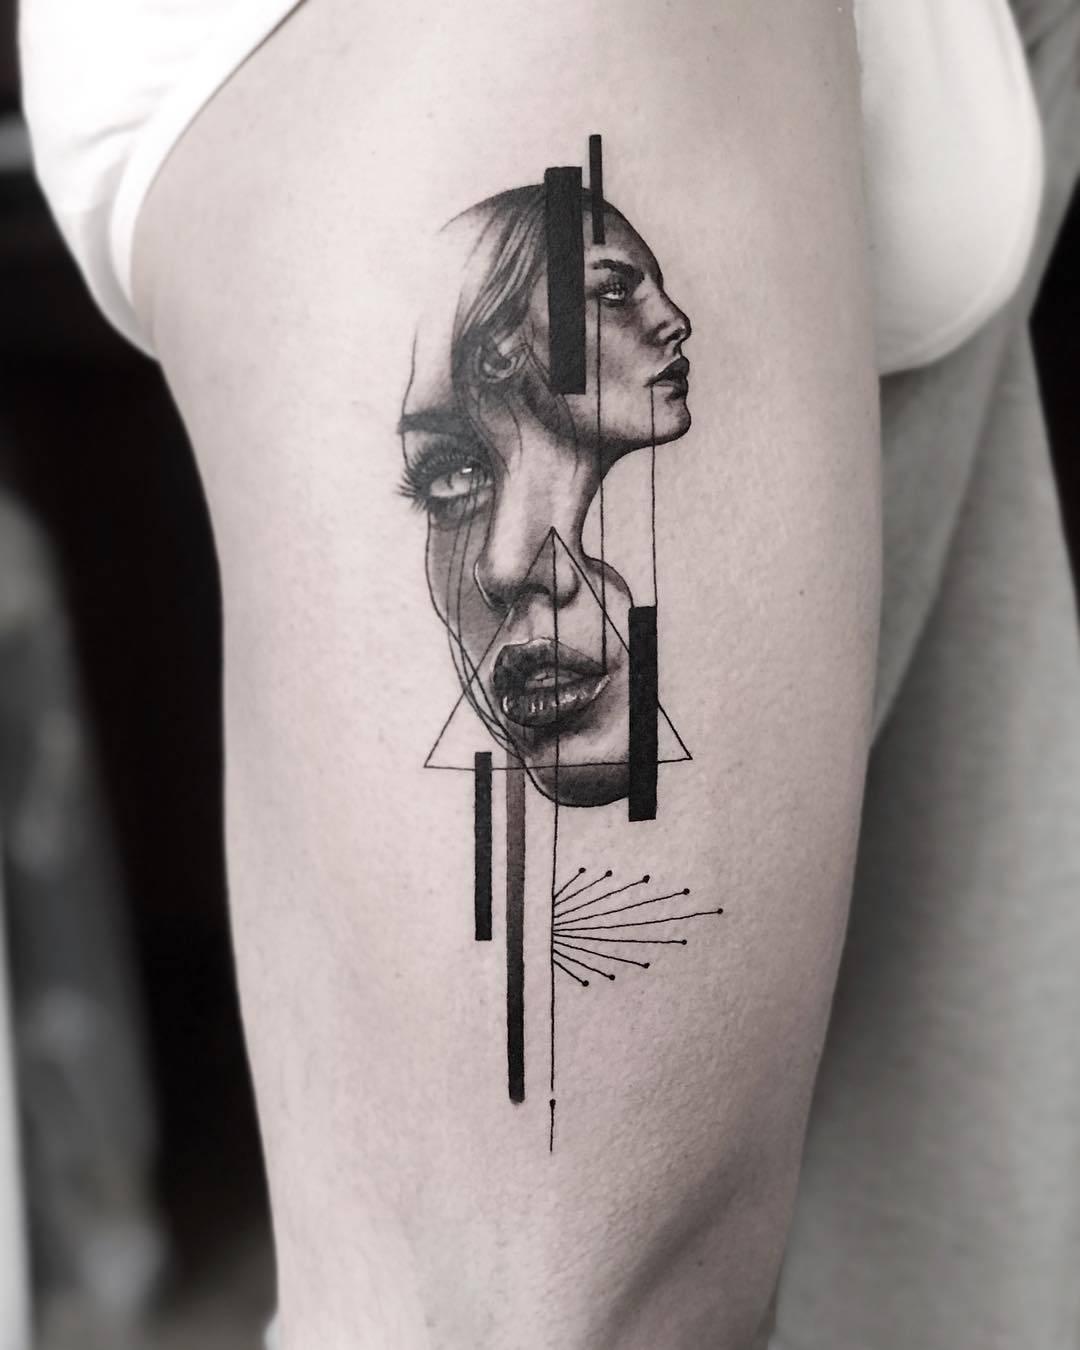 Тату мастер Victor del Fueyo de la Torre, сюрреалистическая татуировка